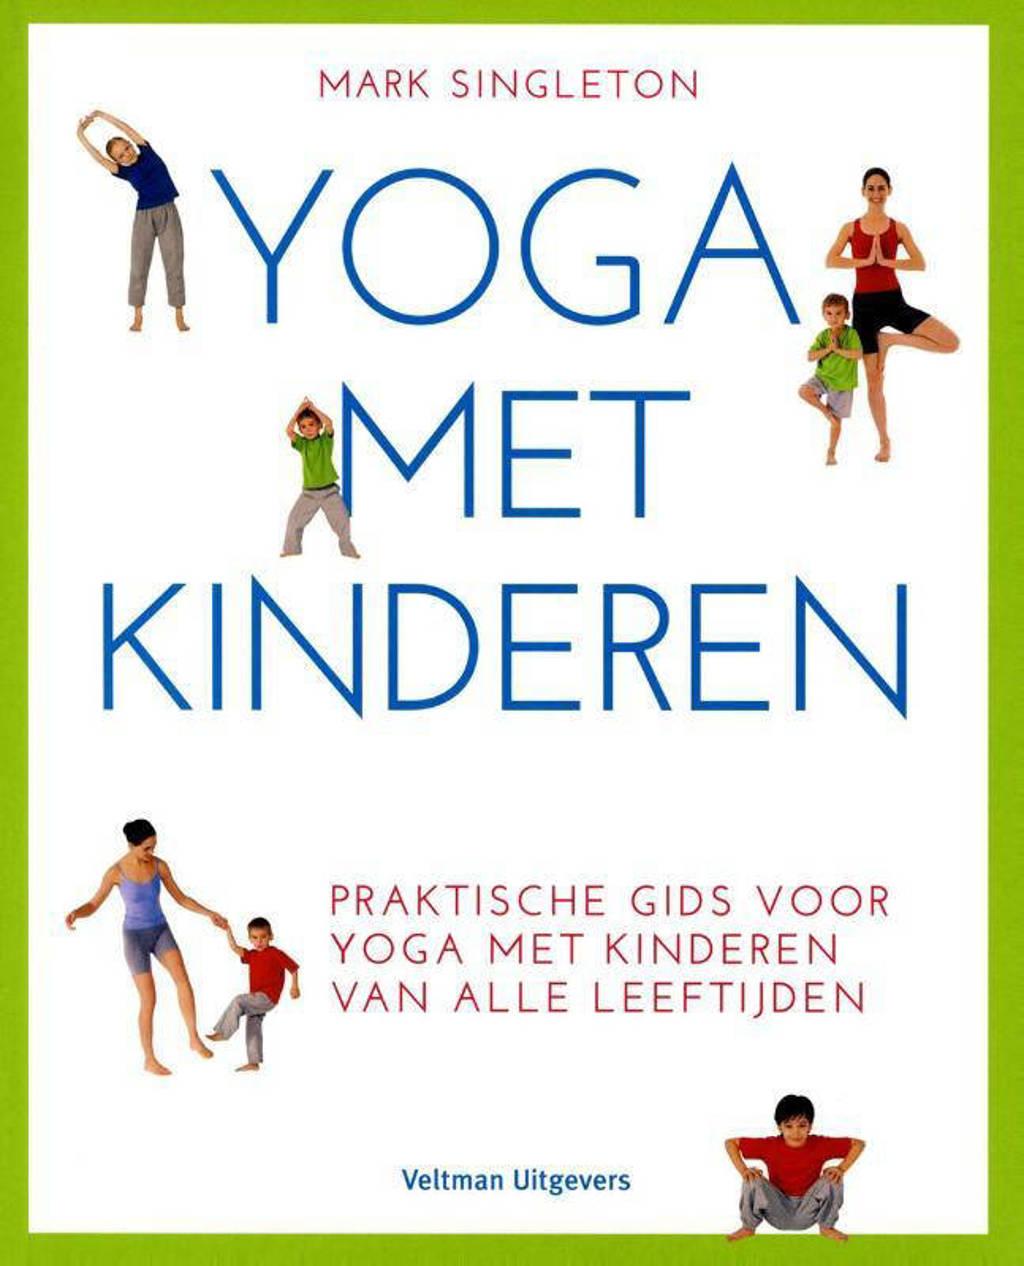 Yoga voor kinderen - Mark Singleton